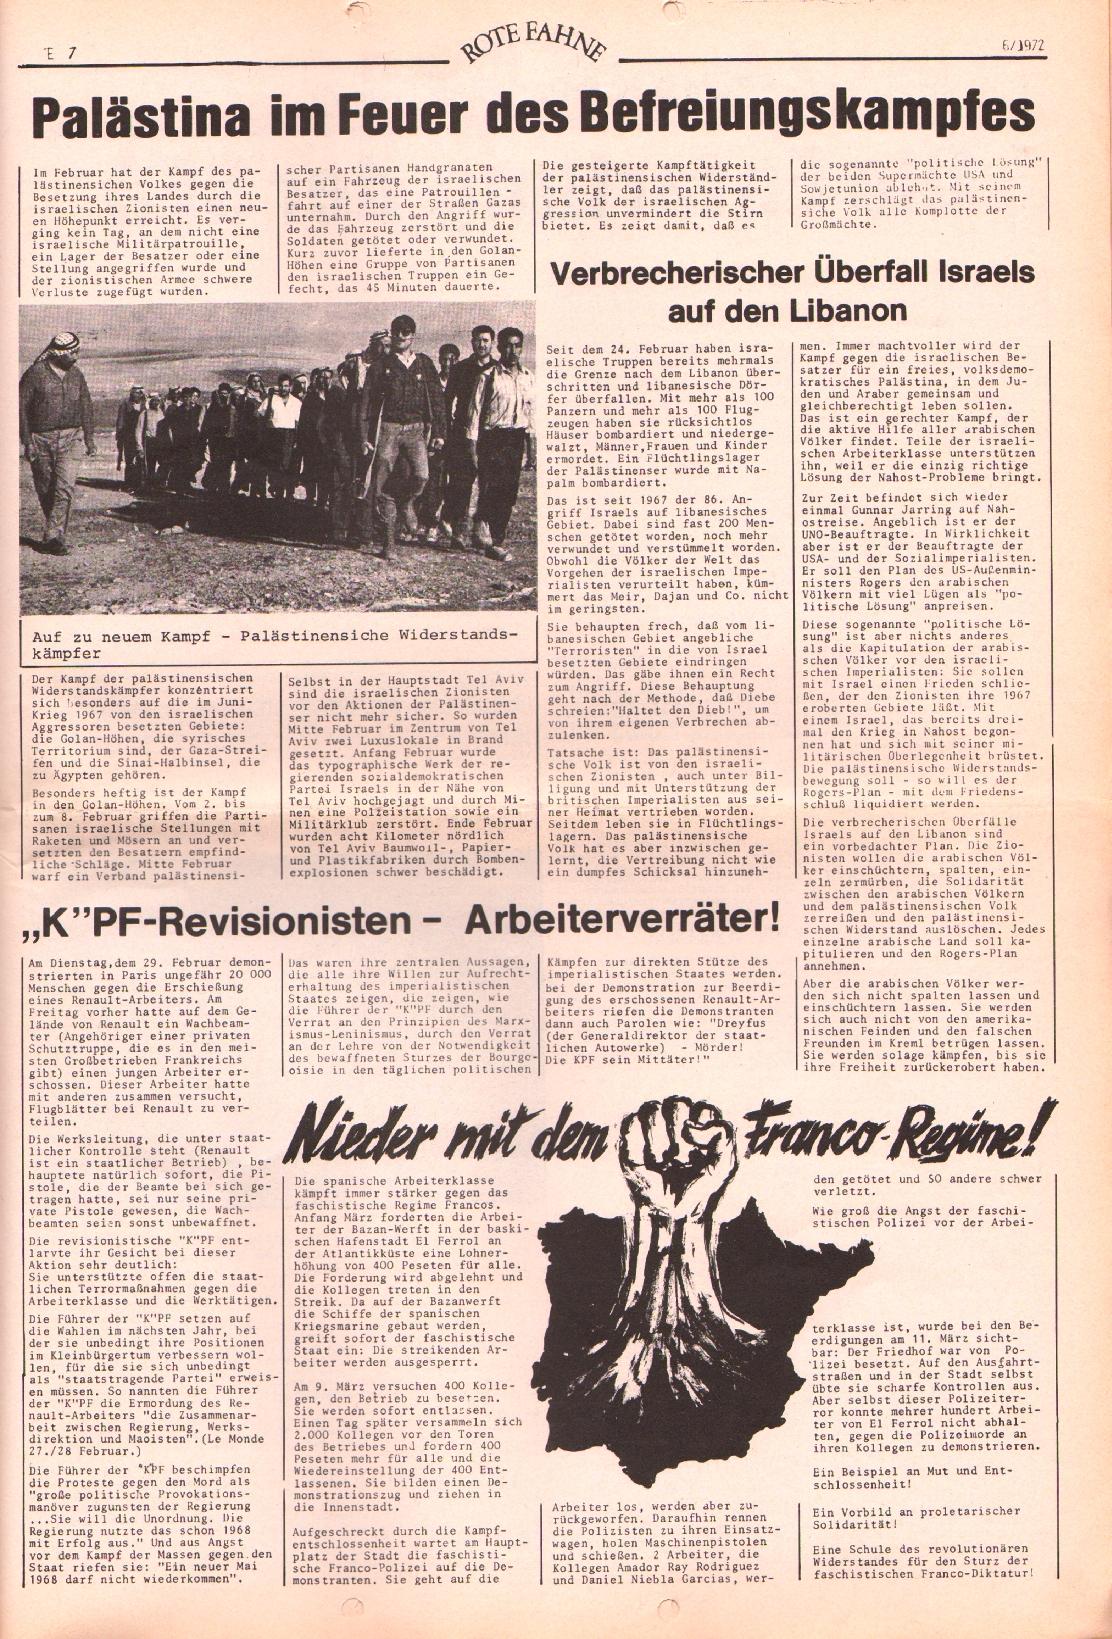 Rote Fahne, 3. Jg., 20.3.1972, Nr. 6, Seite 7